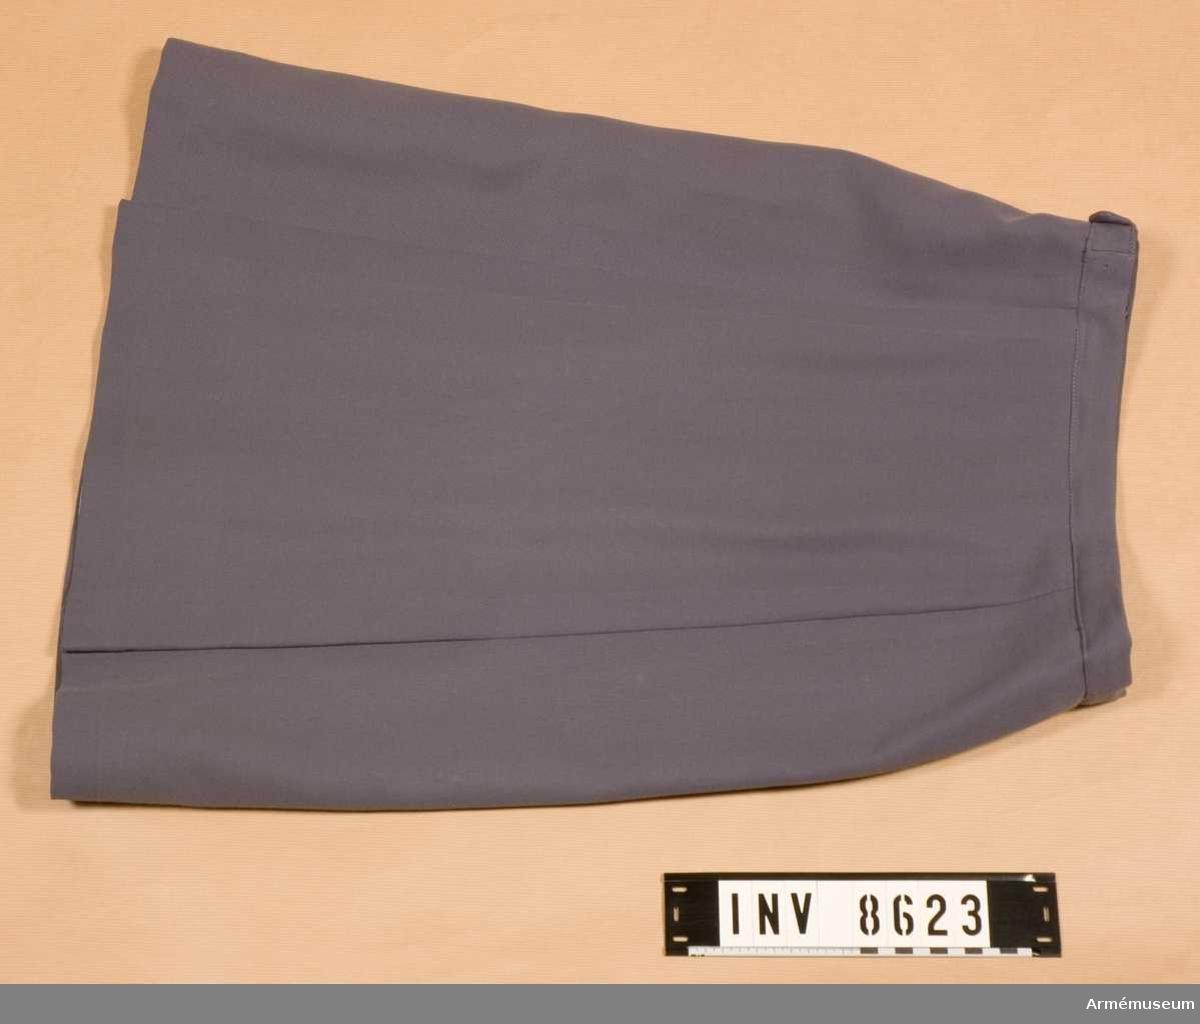 Samhörande gåva 8617-8626. En blågrå något utställd kjol med linning, blixtlås i vänster  sida och veck på var sida av den infällda framvåden. Kjolen är fodrad med grått siden. Den är både nedlagd och utsläppt i sömmarna bak vilket syns i de ursprungliga pressvecken. Hettermarks konfektionsfirma. Källa SLK Värt att veta... 1970 sid 18.